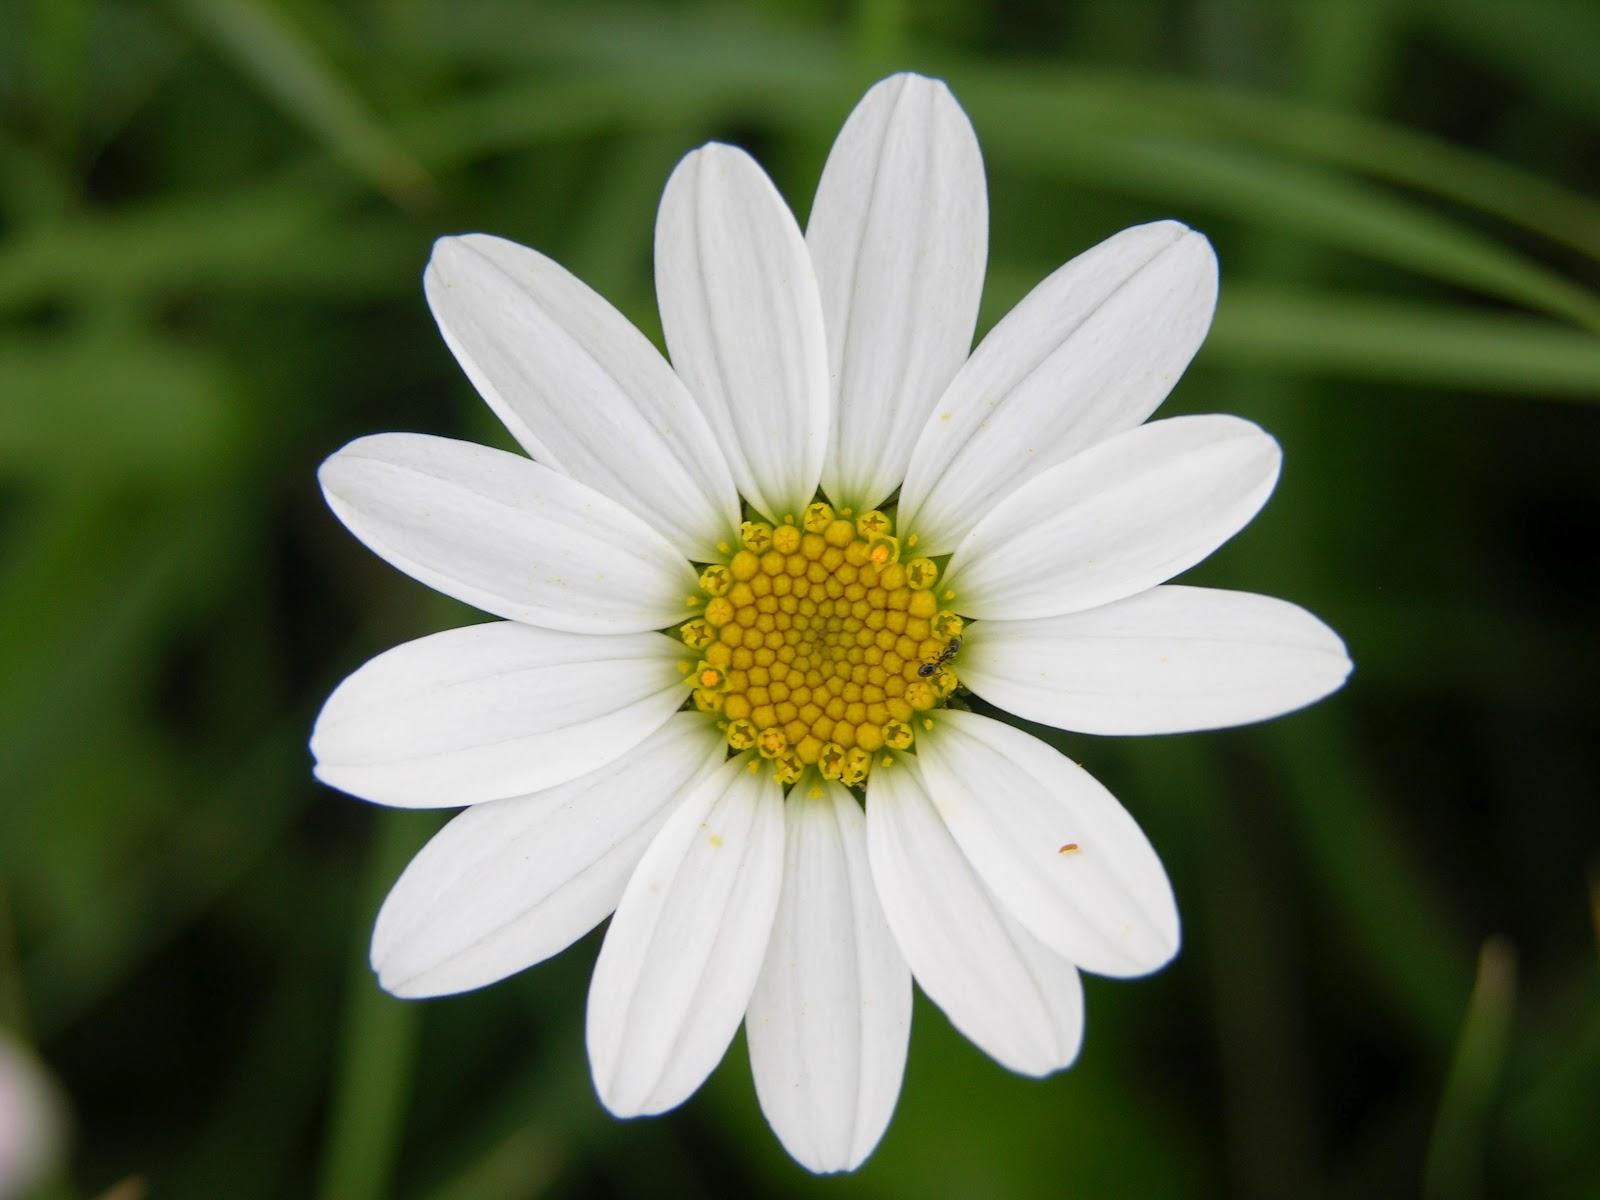 Fiori piante e giardini del mondo marzo 2012 for Margherita pianta